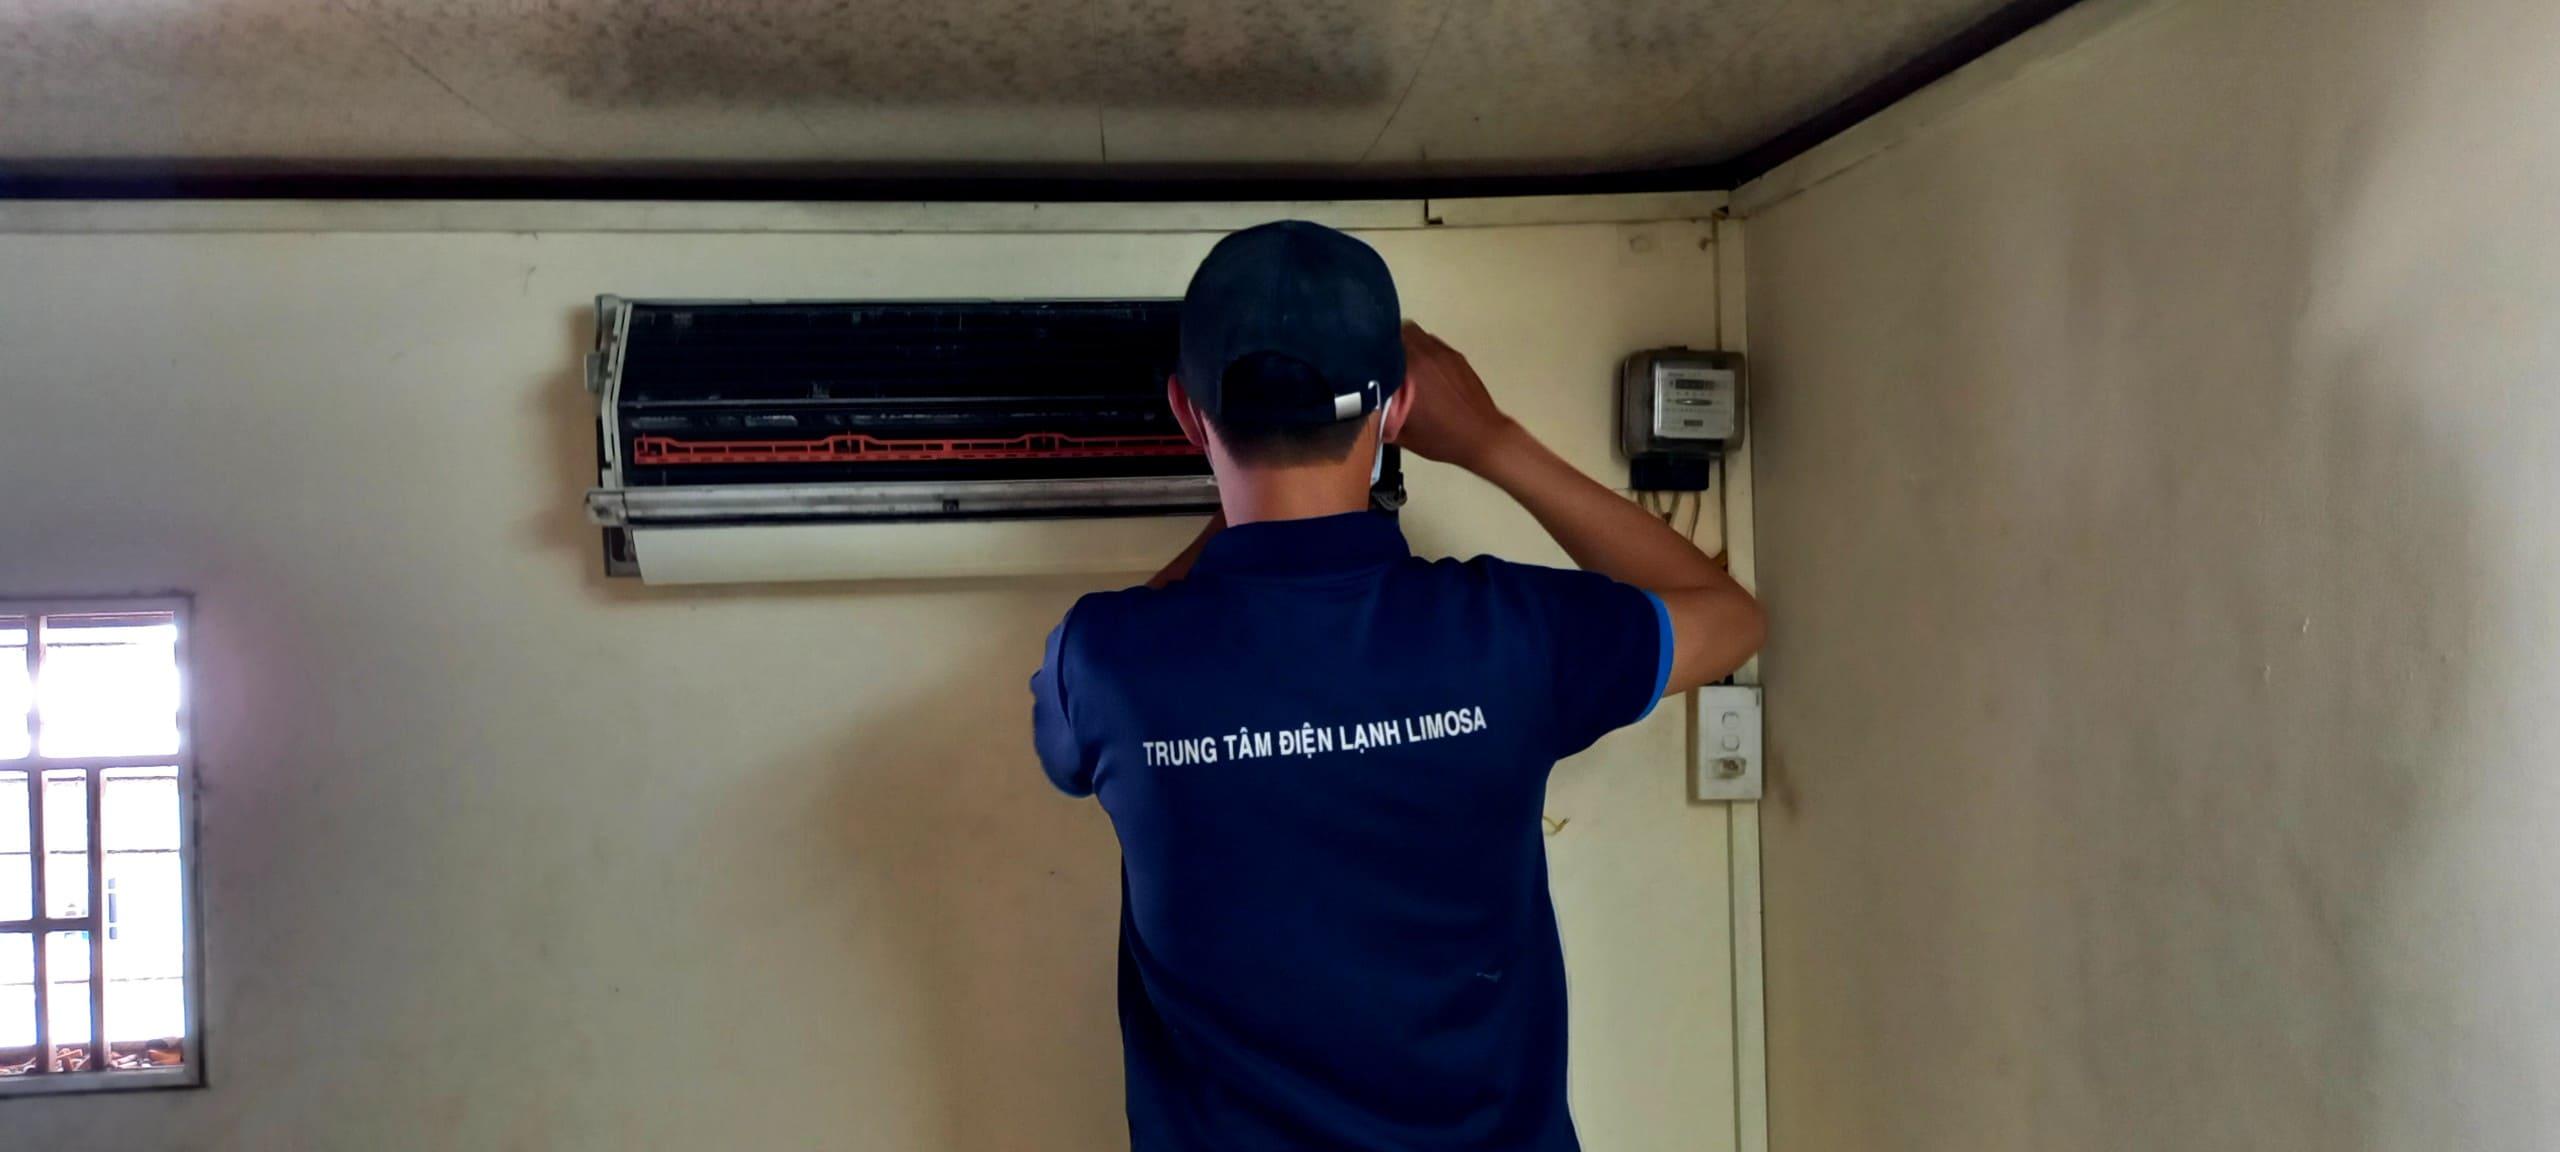 sửa máy lạnh tại nhà hàng